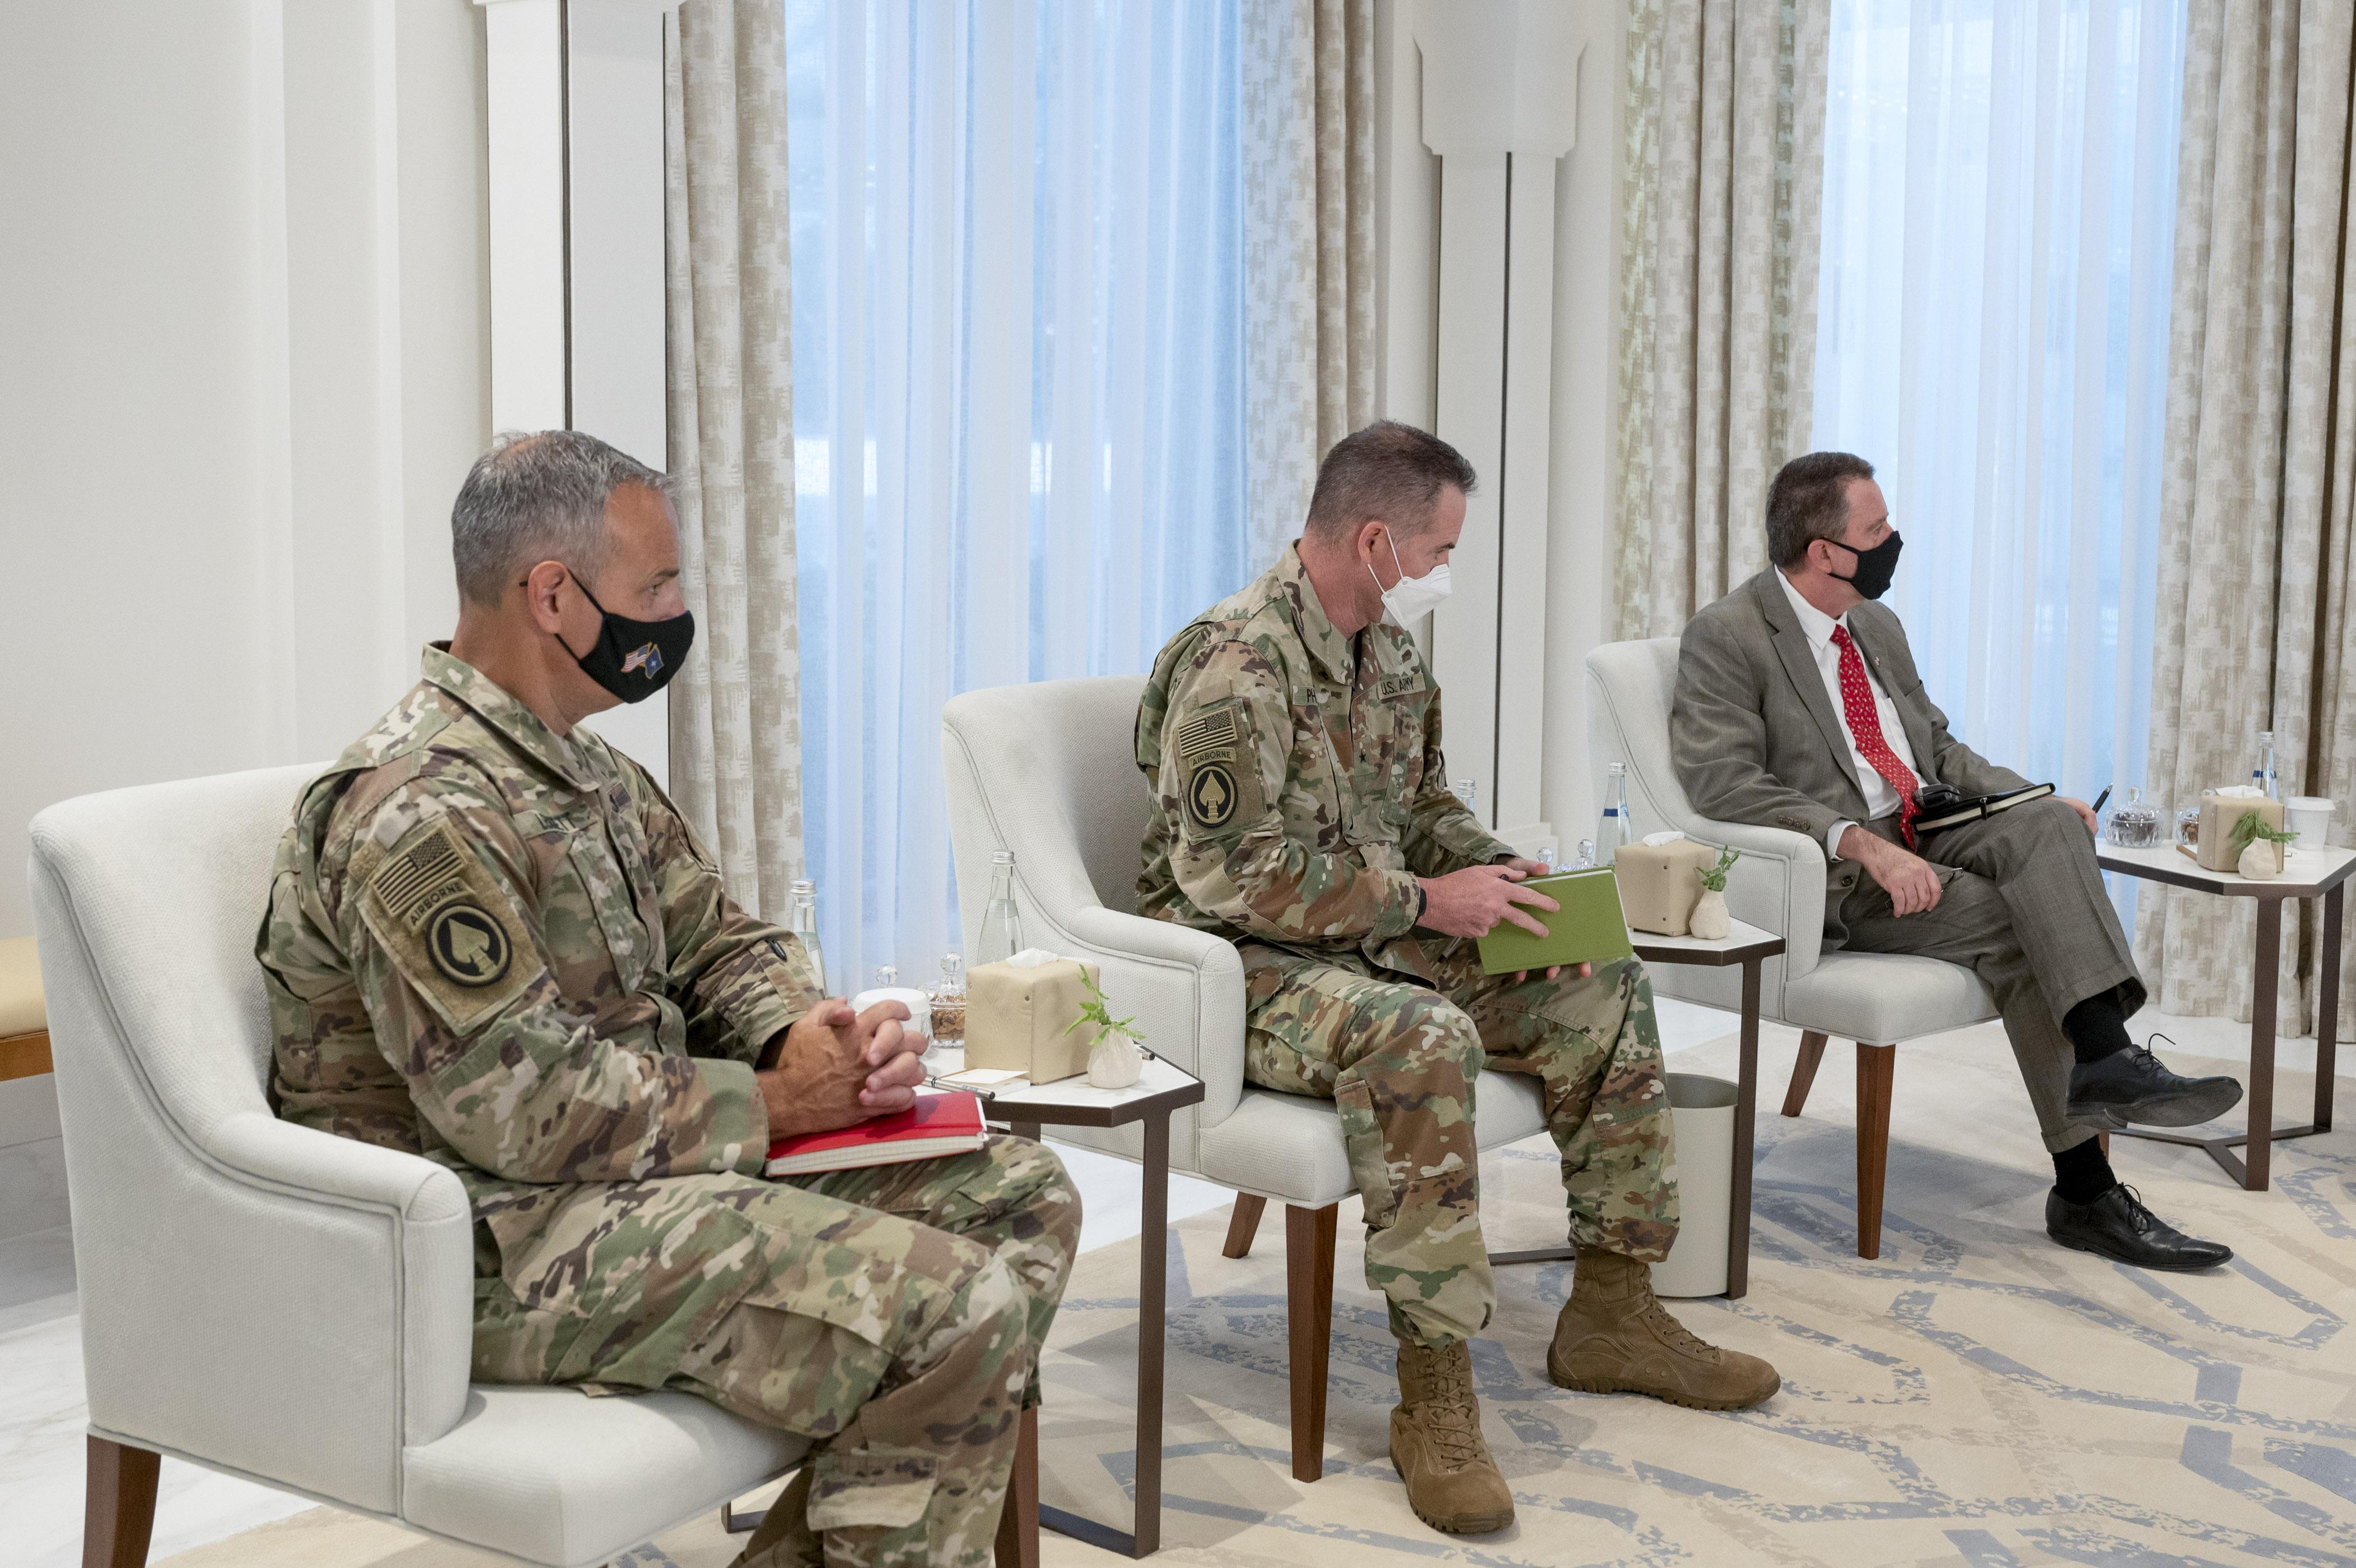 """محمد بن زايد يستقبل قائد بعثة """"الدعم الحازم"""" والقوات الأميركية في أفغانستان"""